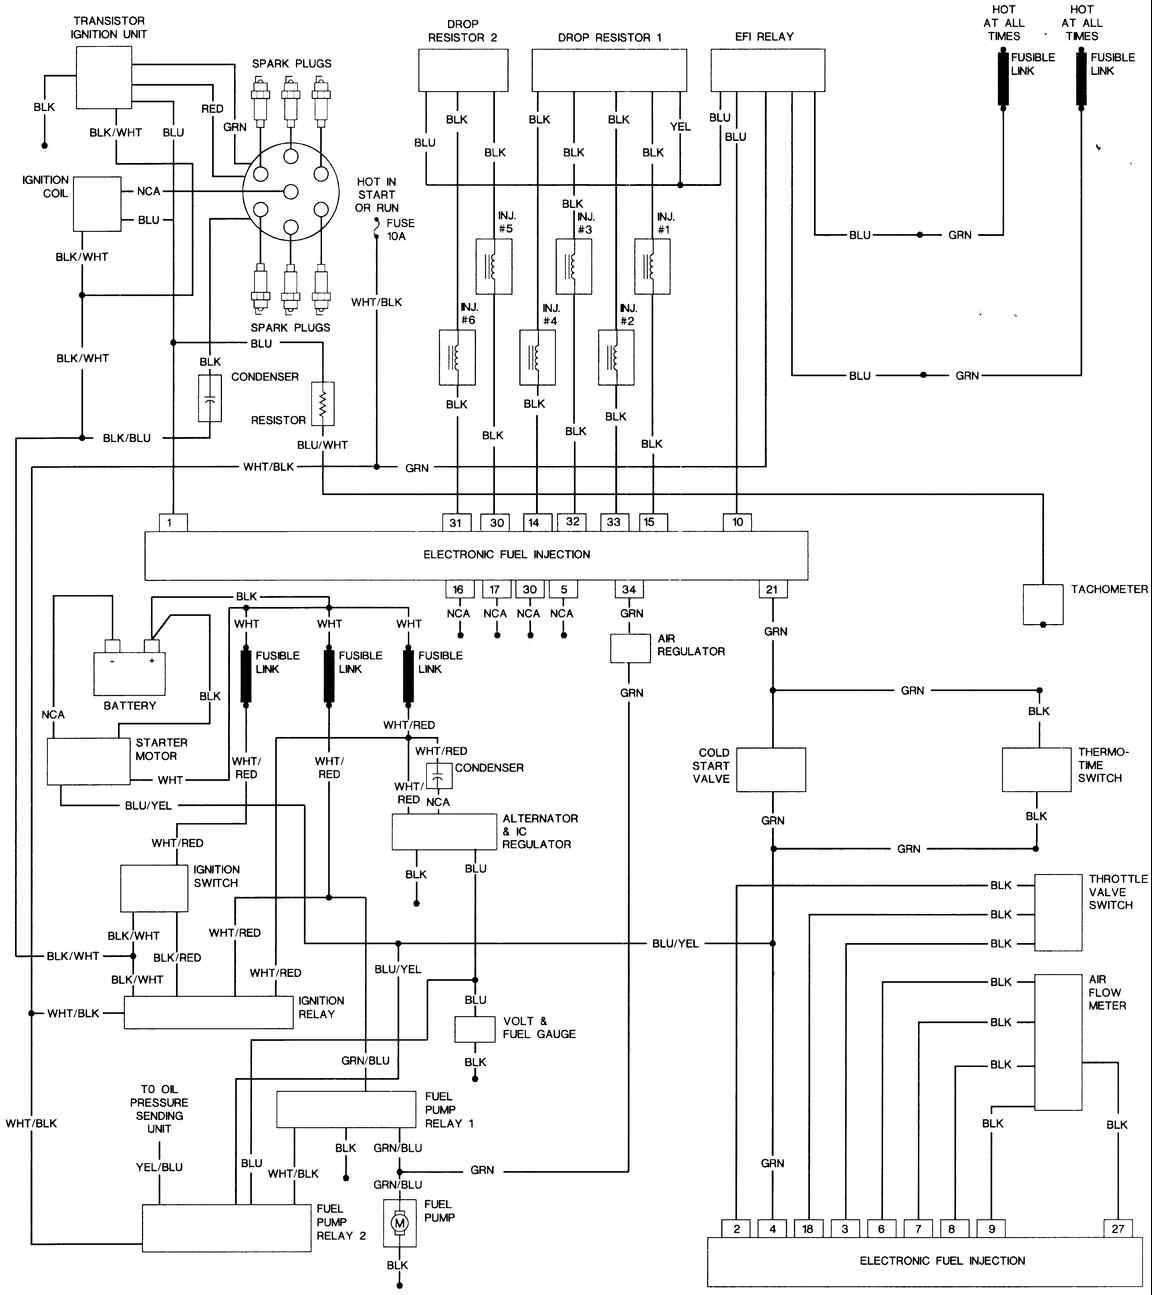 Groß 73 240z Schaltplan Zeitgenössisch - Der Schaltplan - triangre.info